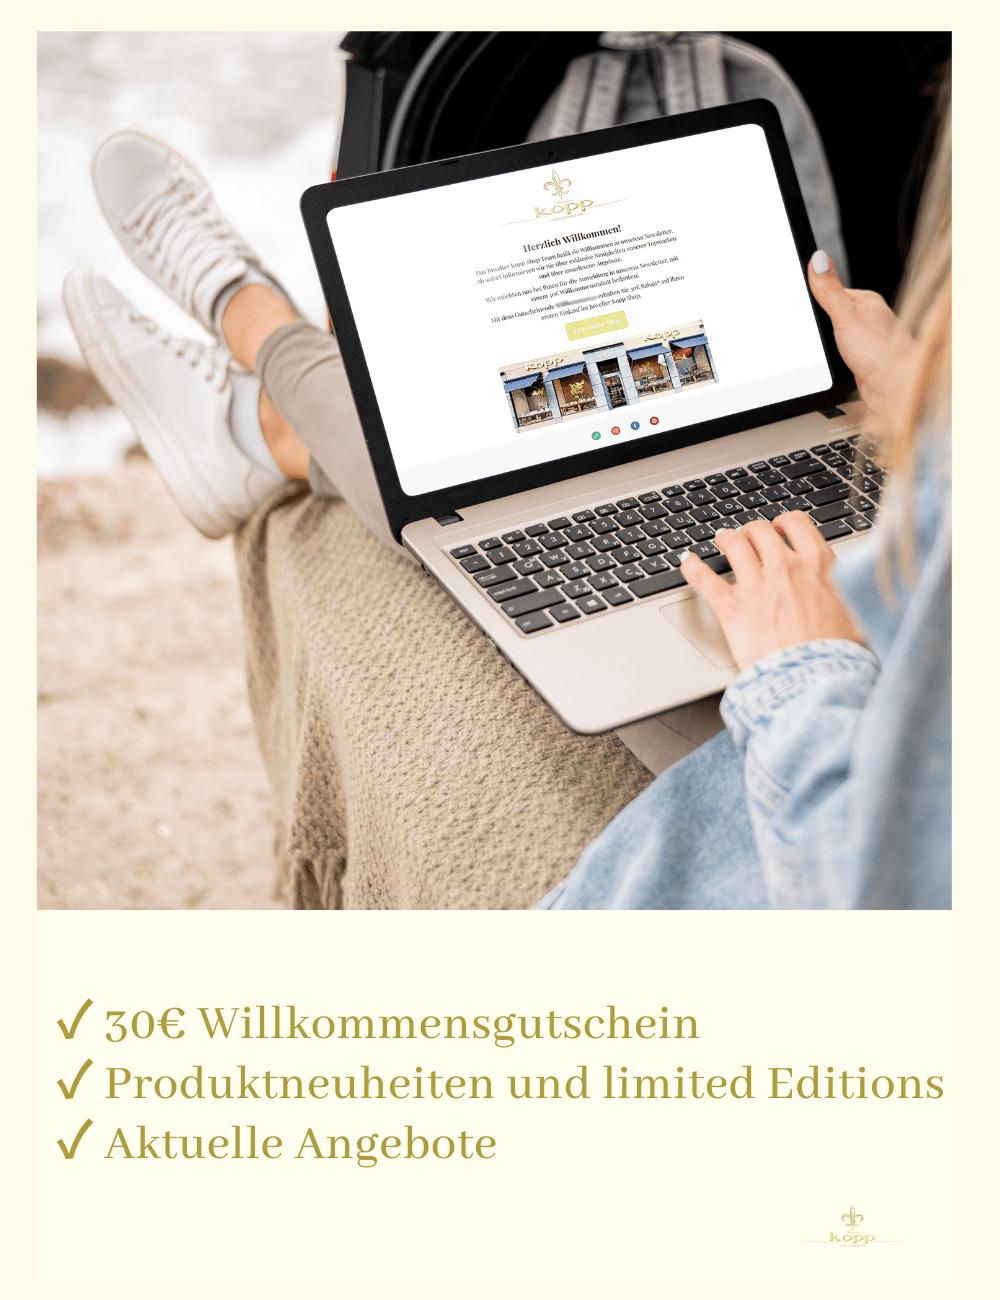 Newsletter abonnieren mobile Version